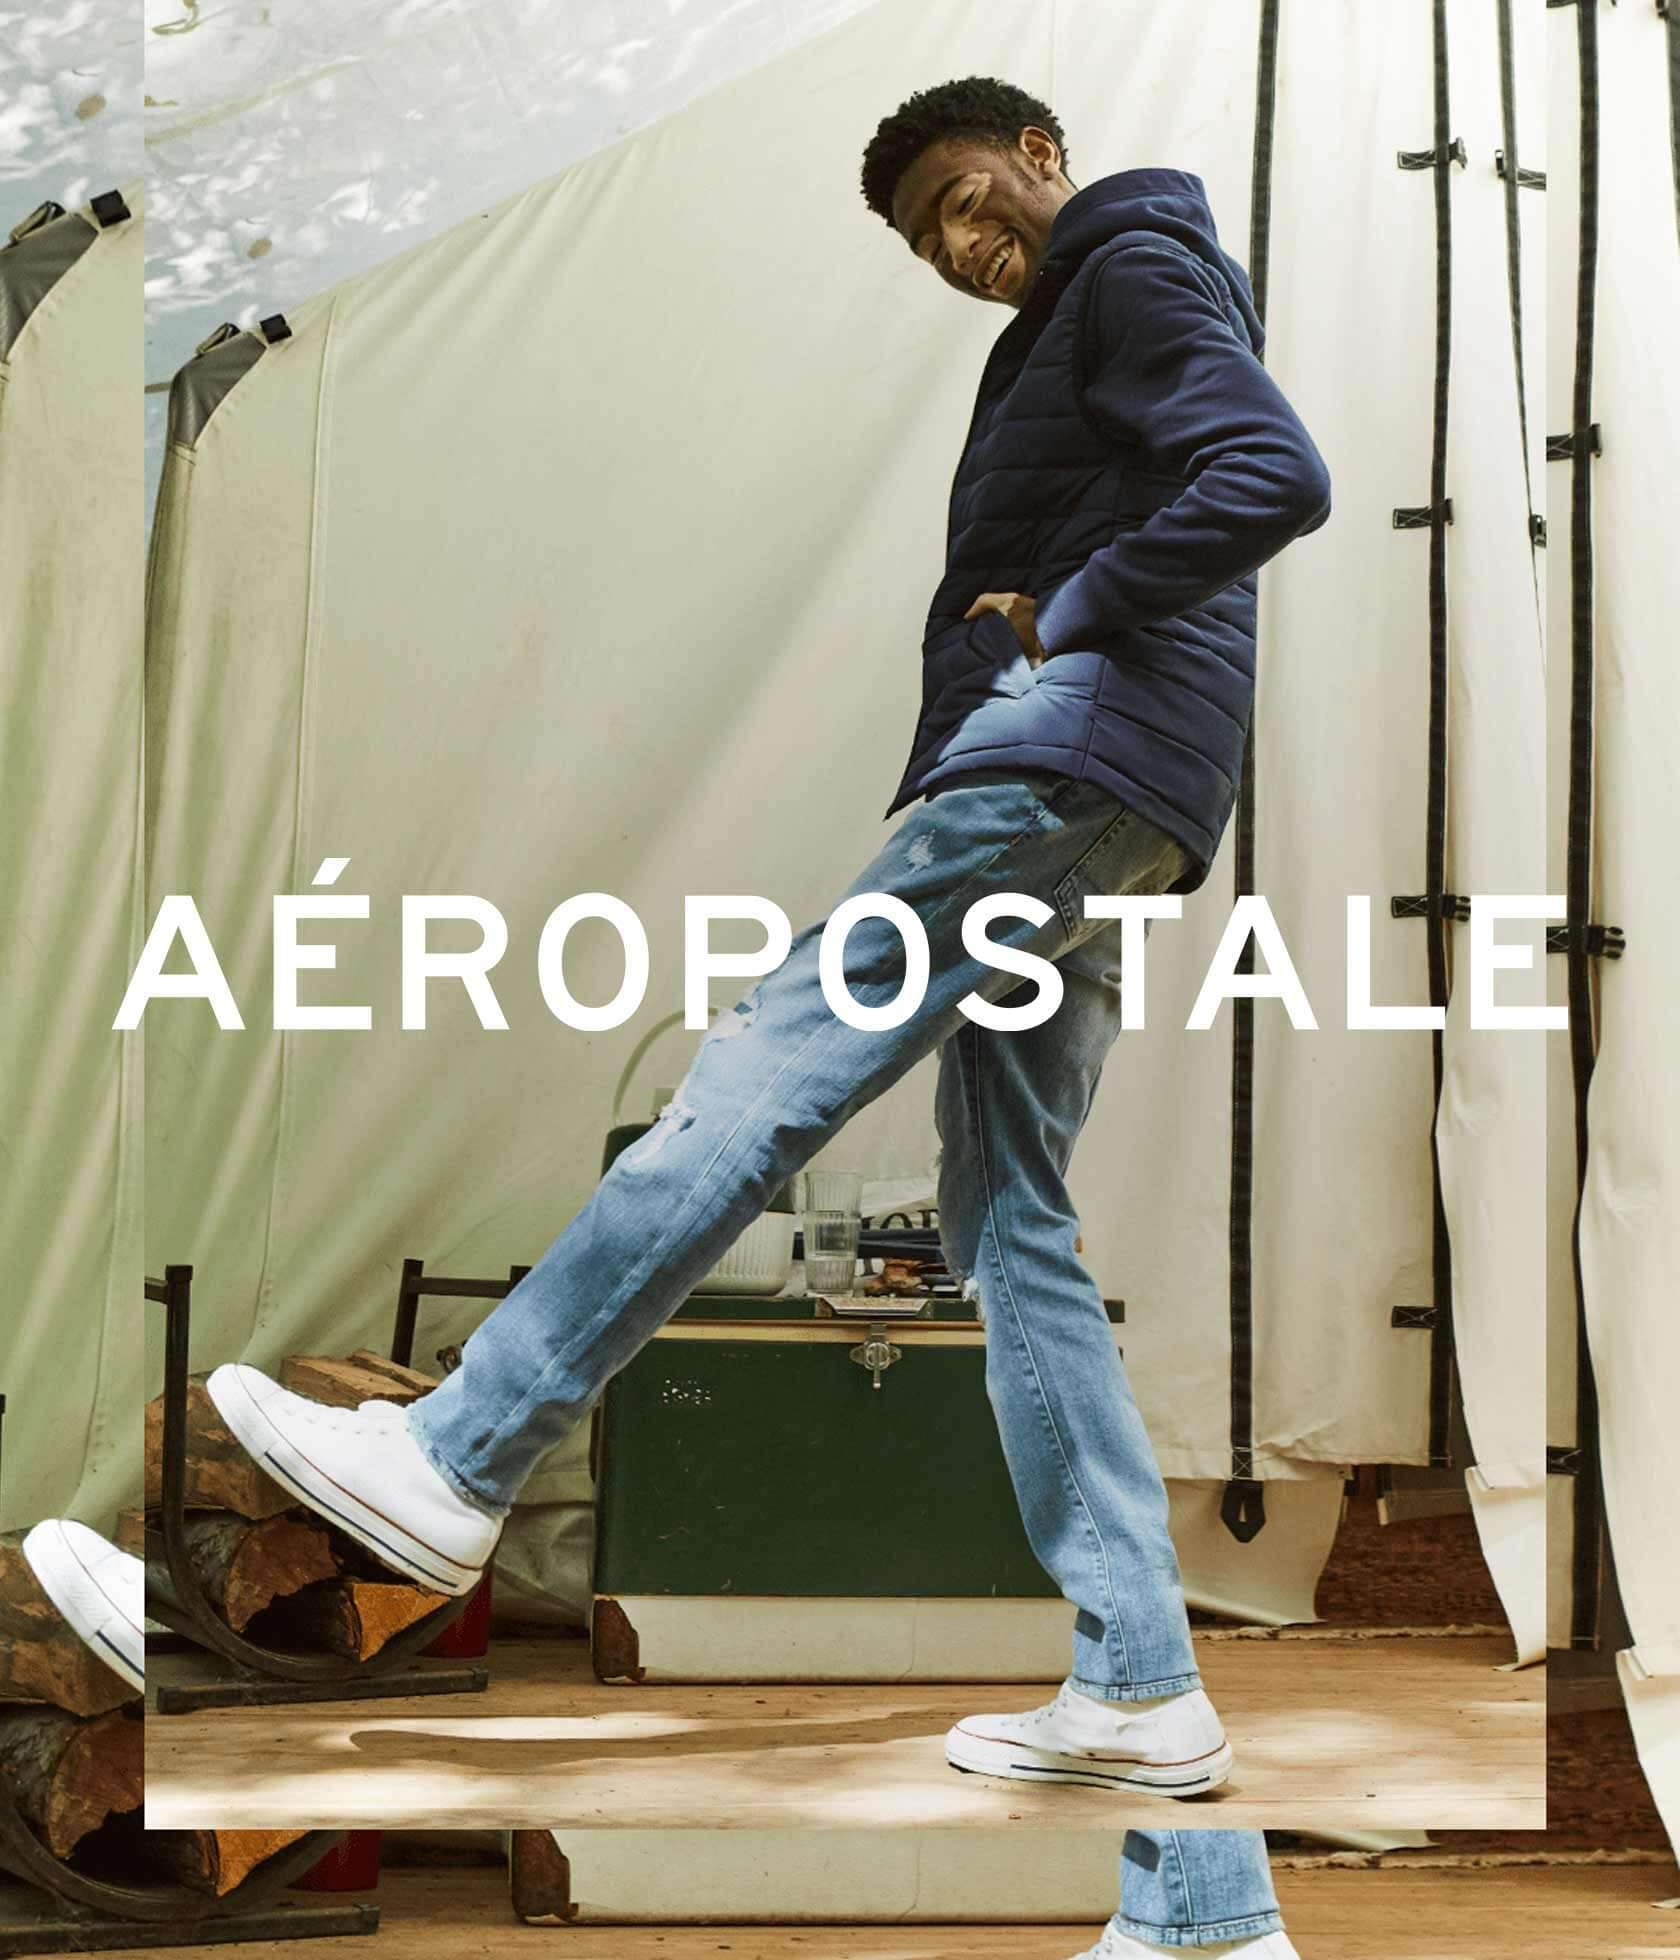 aeropostale header